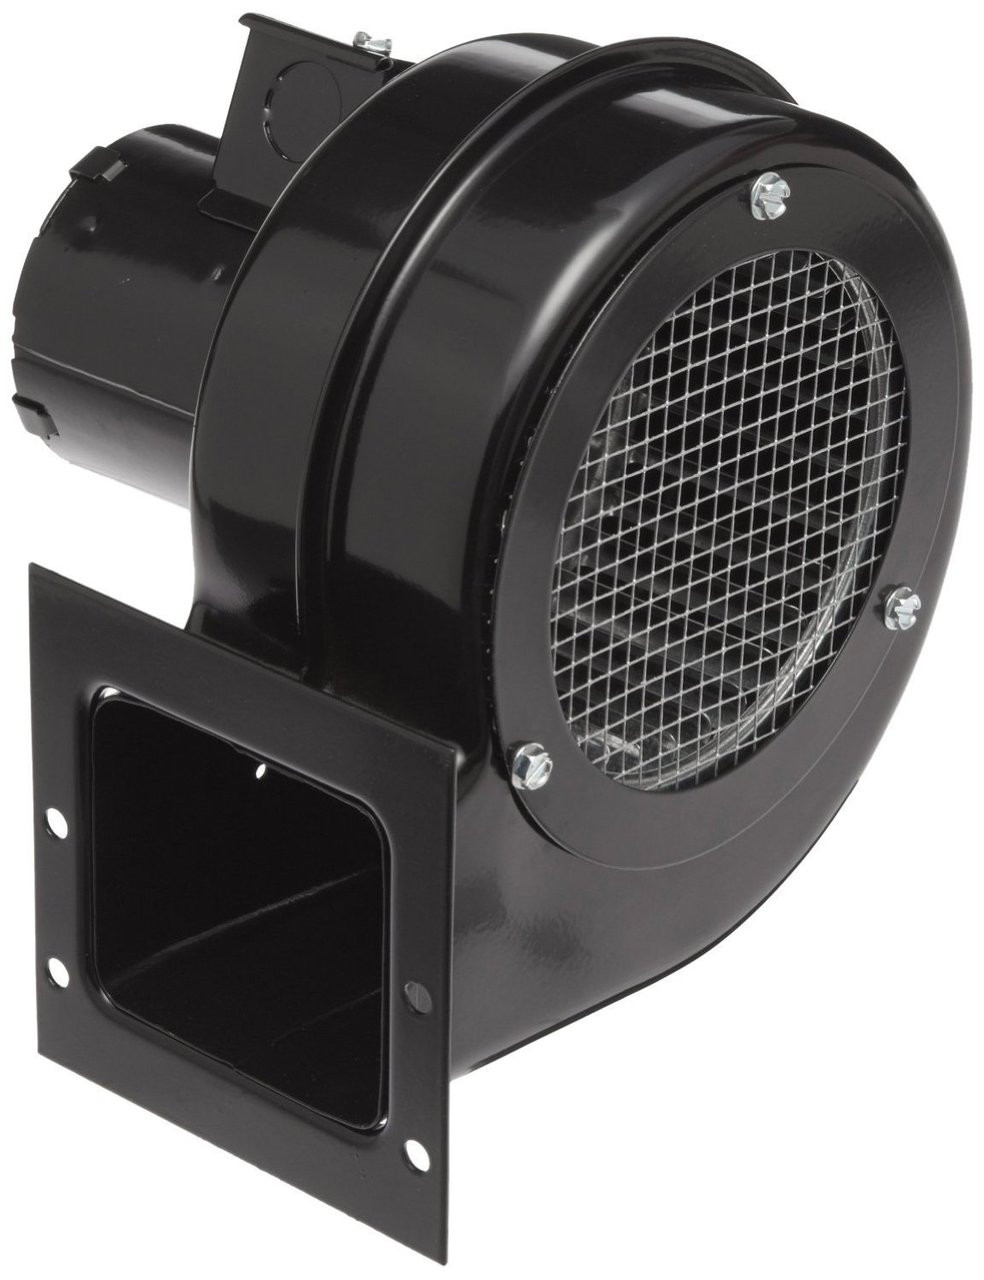 Pellet Stove Convection Blower Fan 115 Volts Fasco # 50755-D500